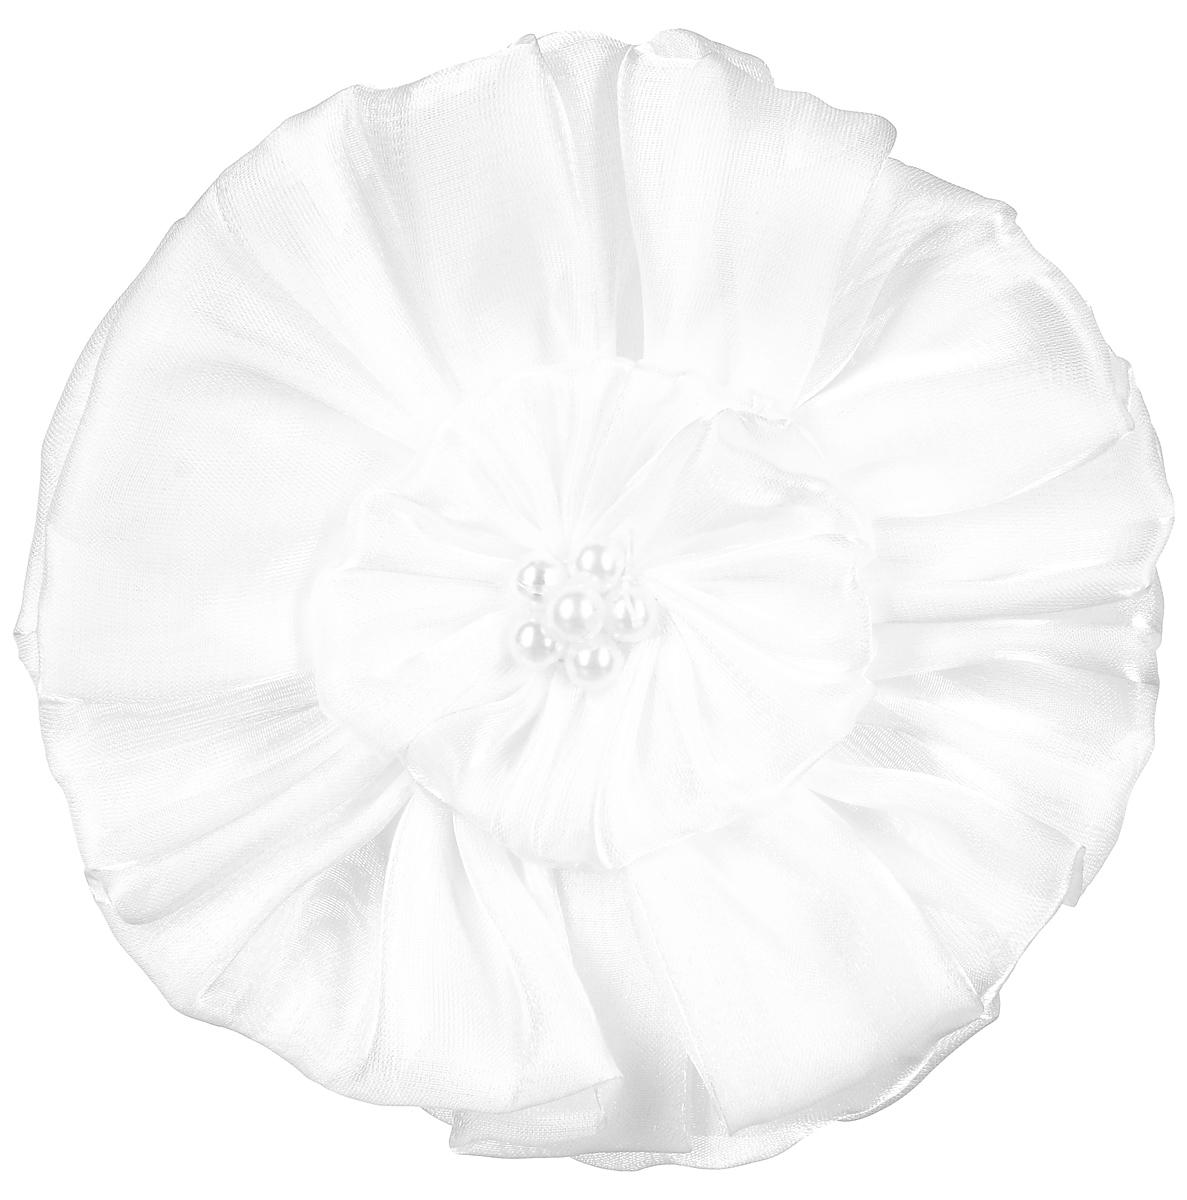 Резинка-бант Fashion House, цвет: белый. FH31827MP59.4DРезинка для волос Fashion House выполнена из текстиля белого цвета, украшена большим цветком центр которого оформлен пластиковыми бусинами. Диаметр резинки:3 см.